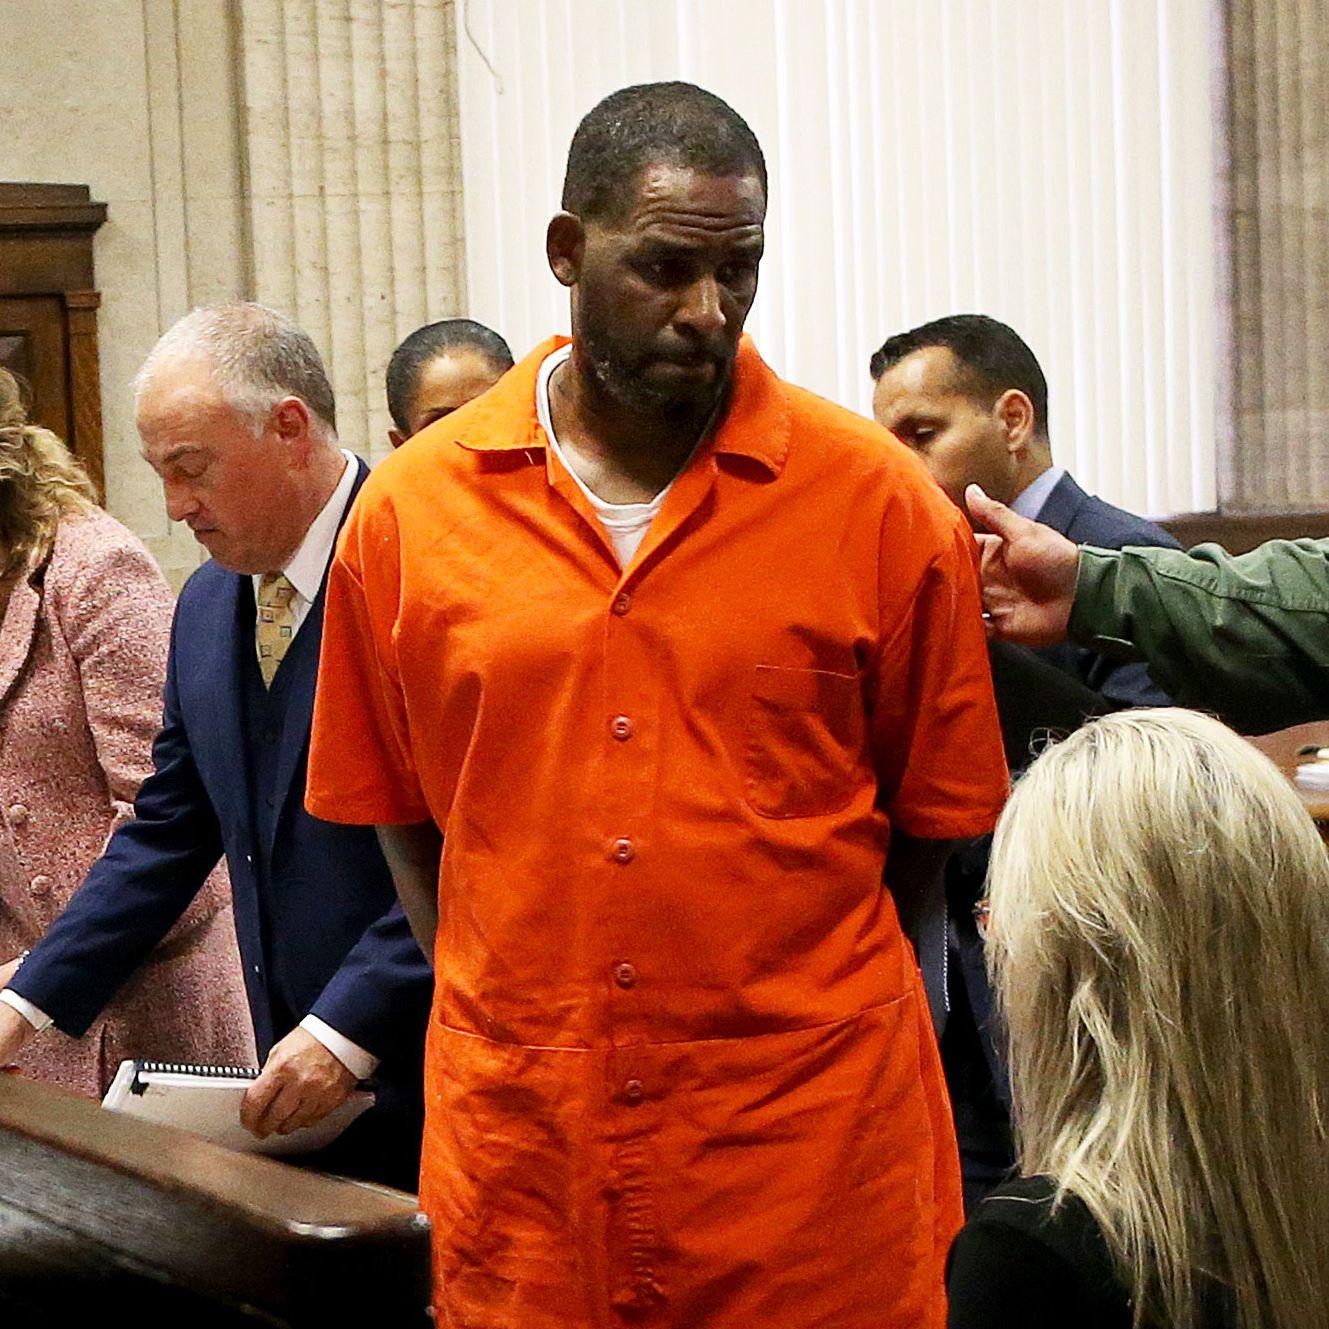 R-kelly Denied Bail Despite COVID-19 Outbreak In His Prison